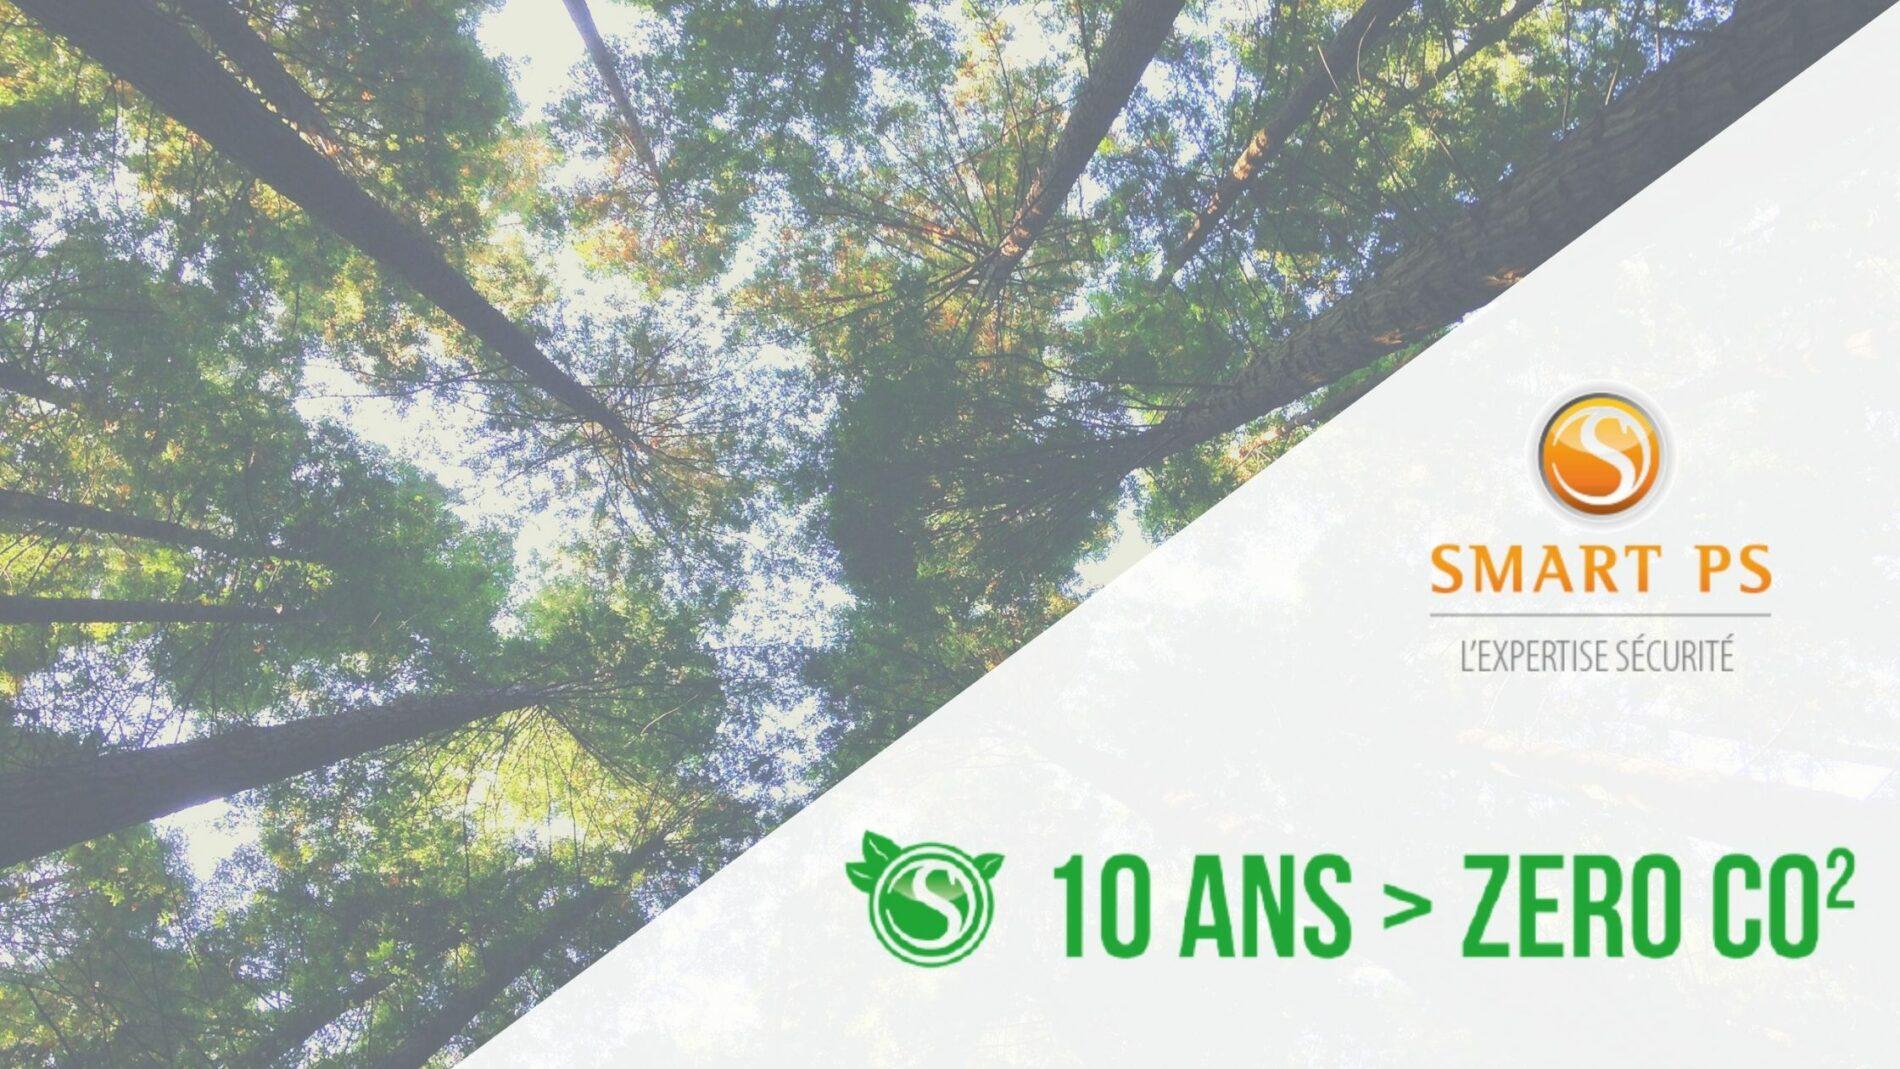 Smart PS, première agence de sécurité privée française à atteindre la neutralité carbone